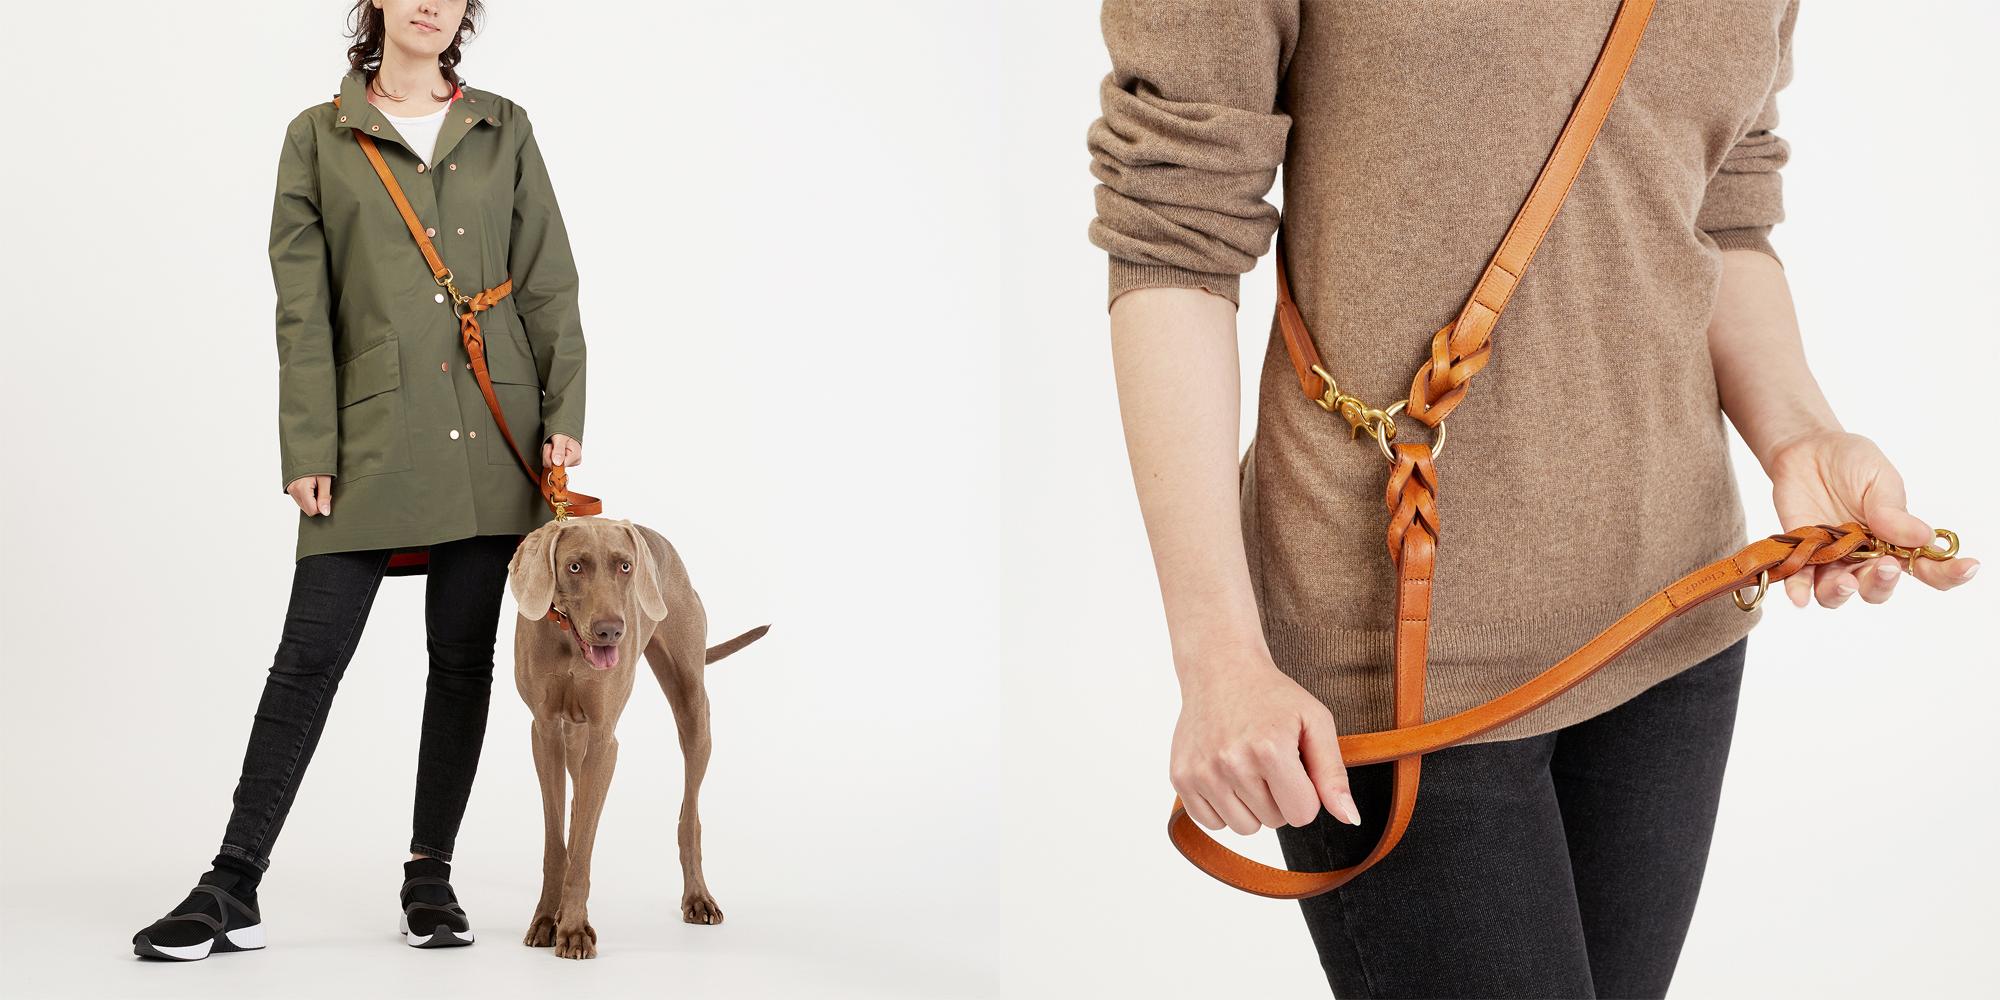 愛犬用革製リード。肩からかけたり複数の方法でご利用いただけます。/ Cloud7